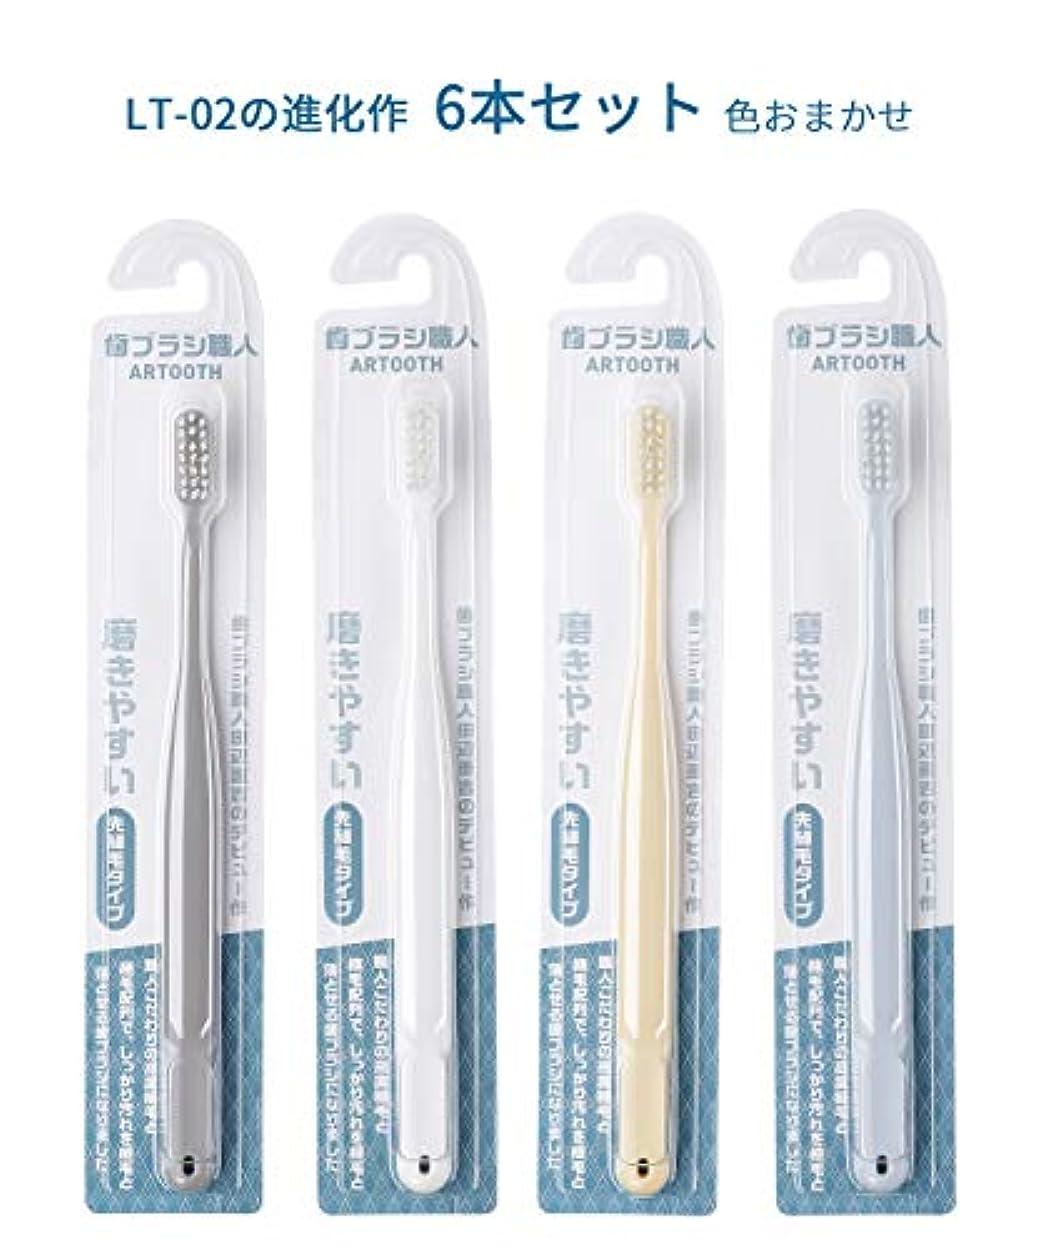 違反リフトリーフレット歯ブラシ職人ARTOOTH 田辺重吉 磨きやすい歯ブラシ 先細 AT-02 (6本パック)